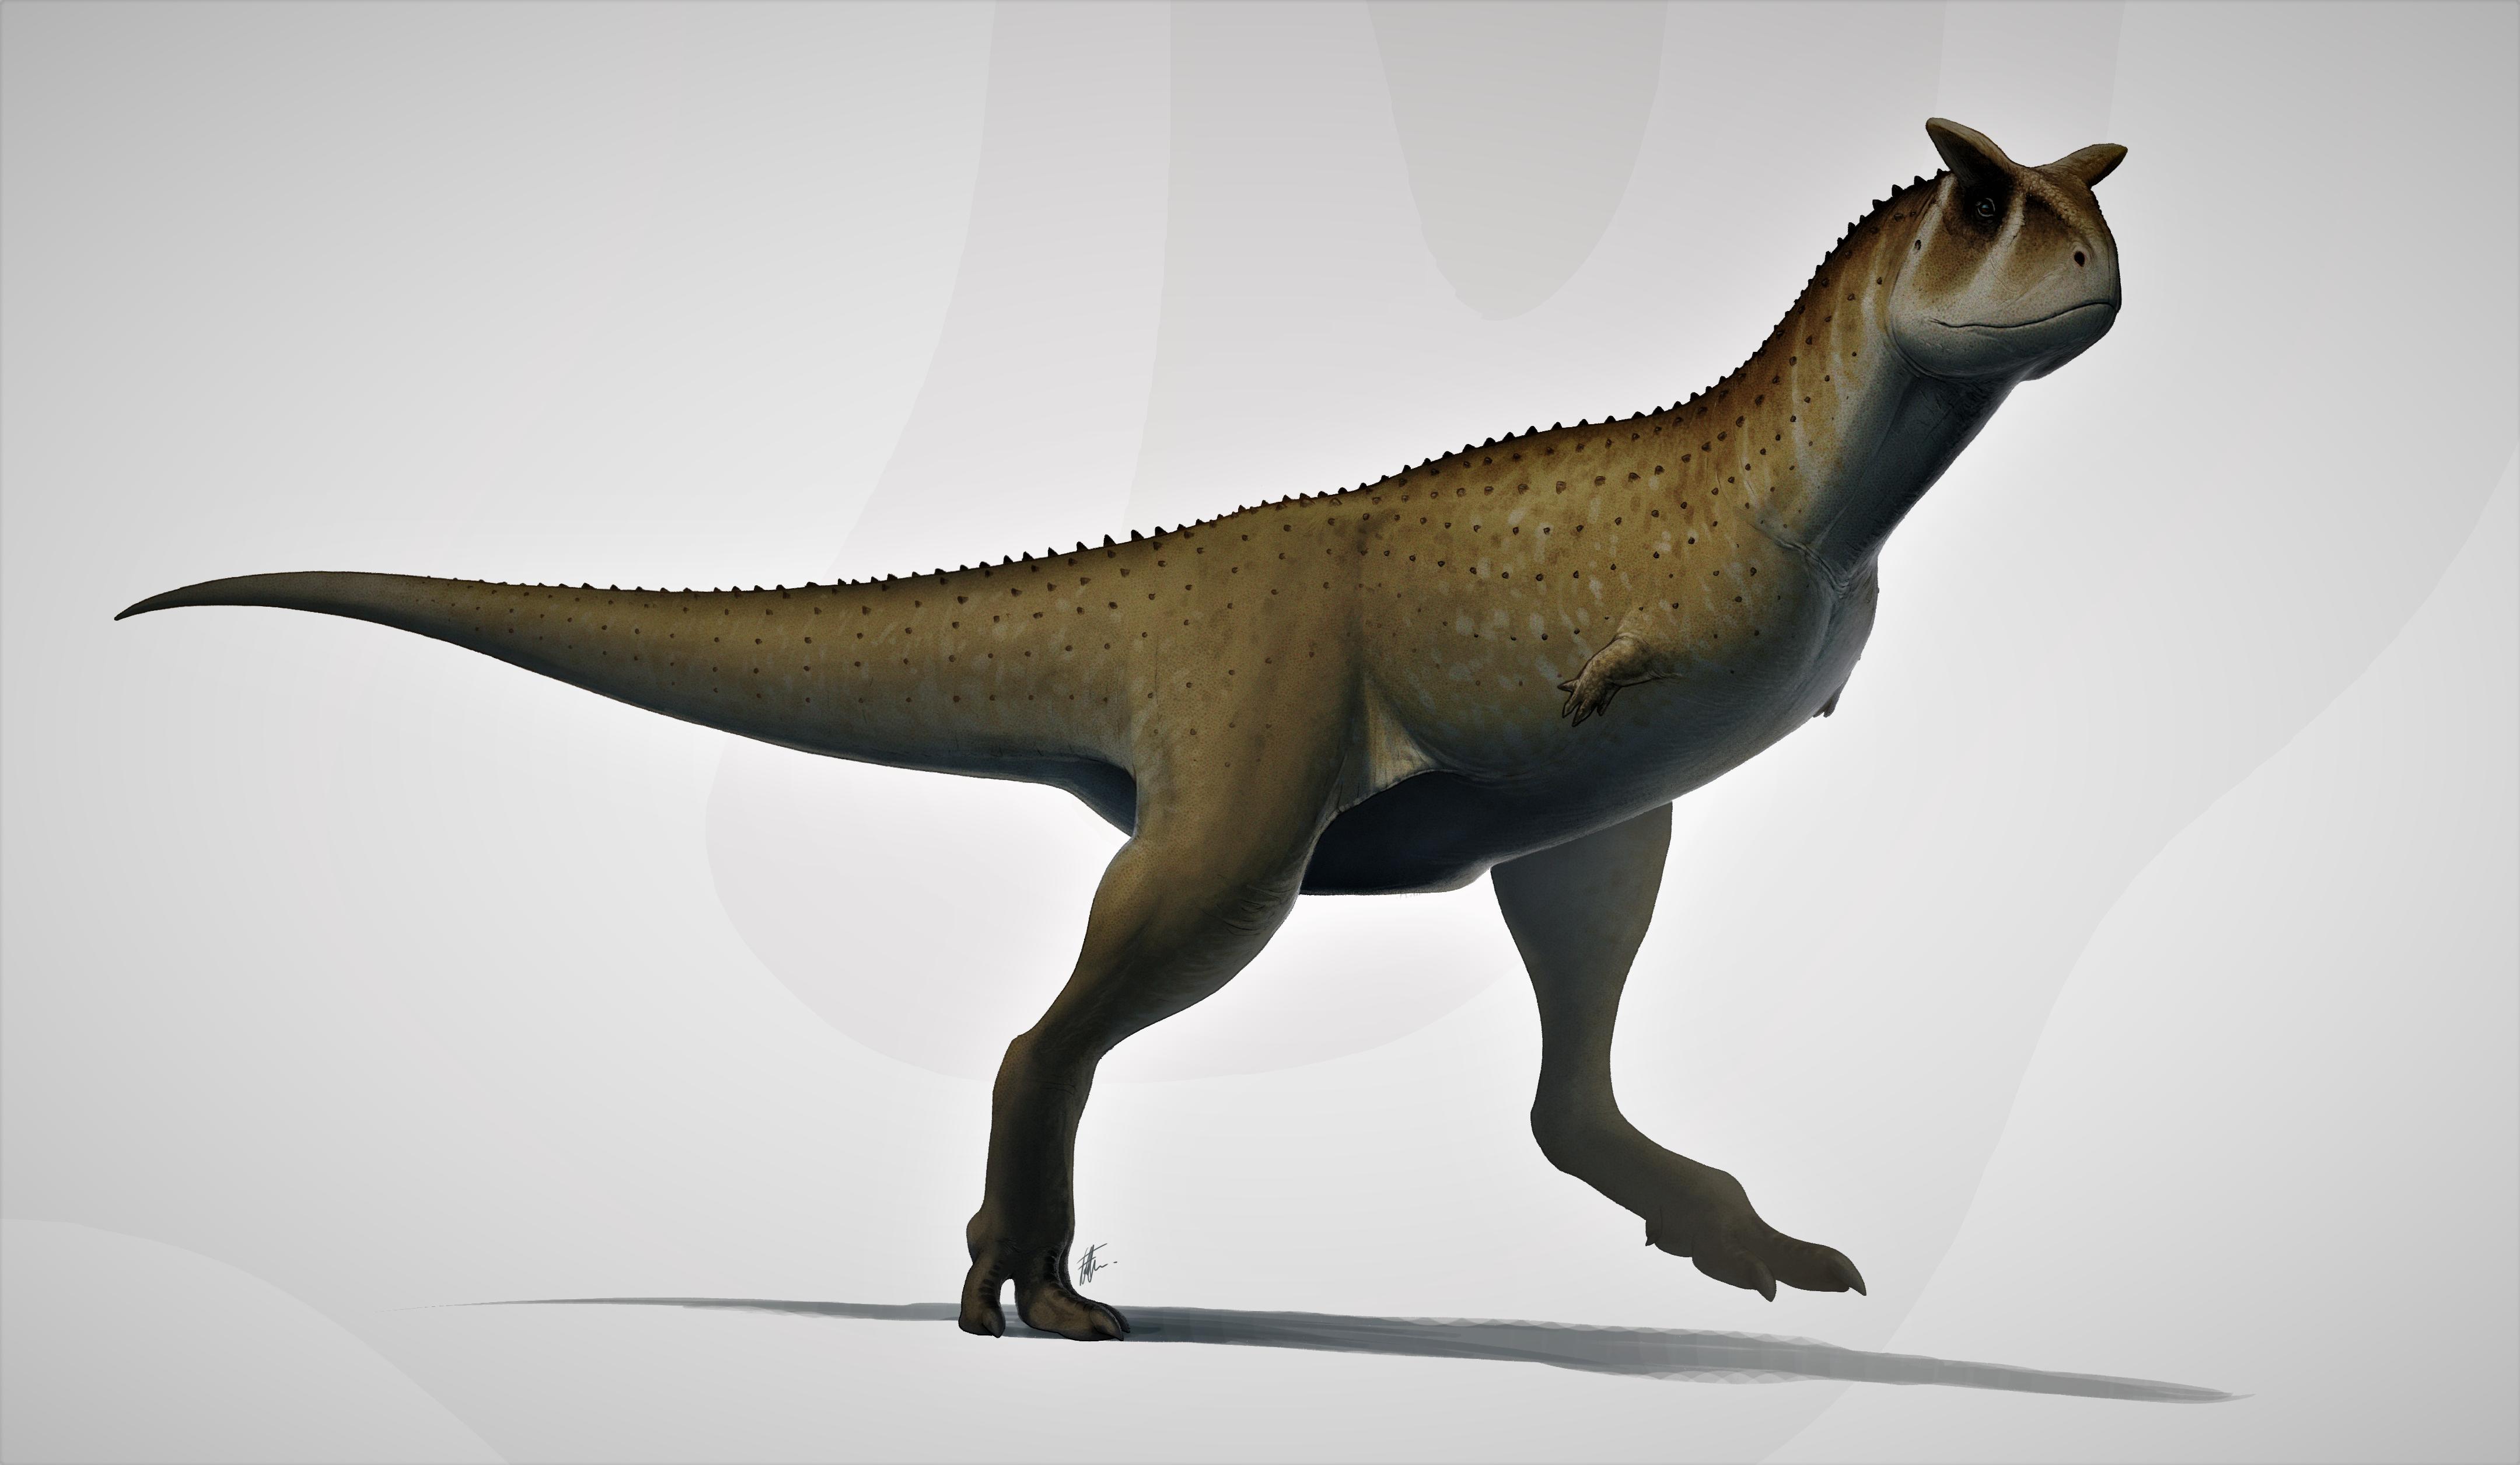 Carnotaurus Wiki Prehistorico Fandom Los investigadores también piensan que se le puede atribuir el título de eslabón perdido entre los dinosaurios herbívoros y los terópodos. carnotaurus wiki prehistorico fandom